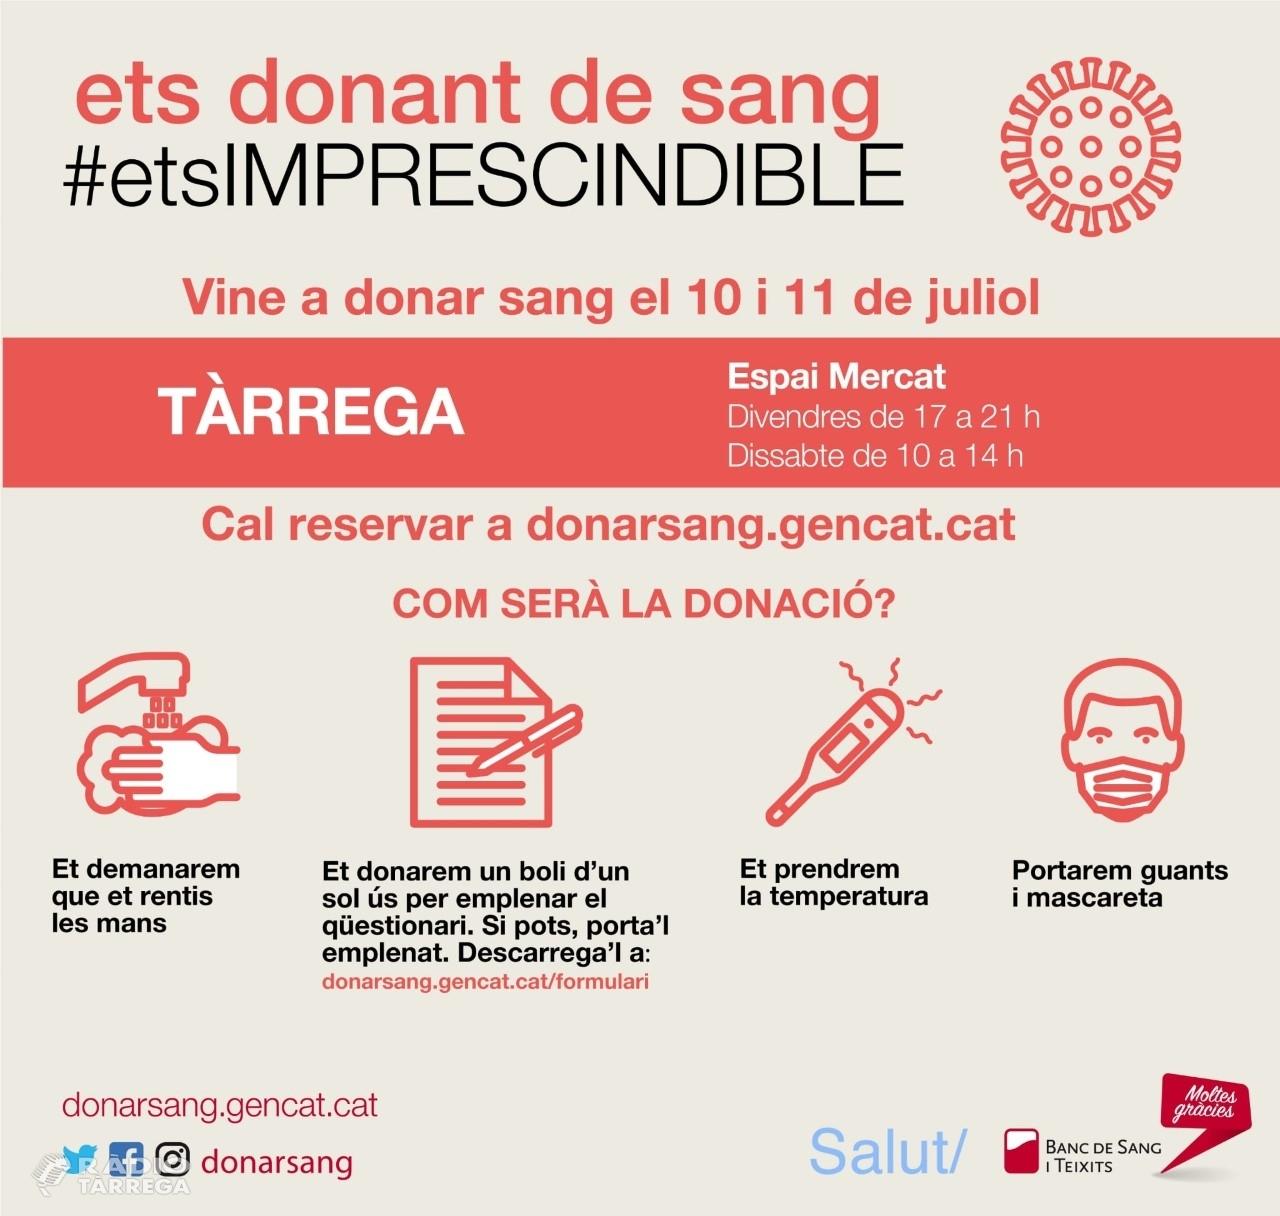 Tàrrega mostra la seva solidaritat vers la donació de sang amb una nova campanya especial els dies 10 i 11 de juliol